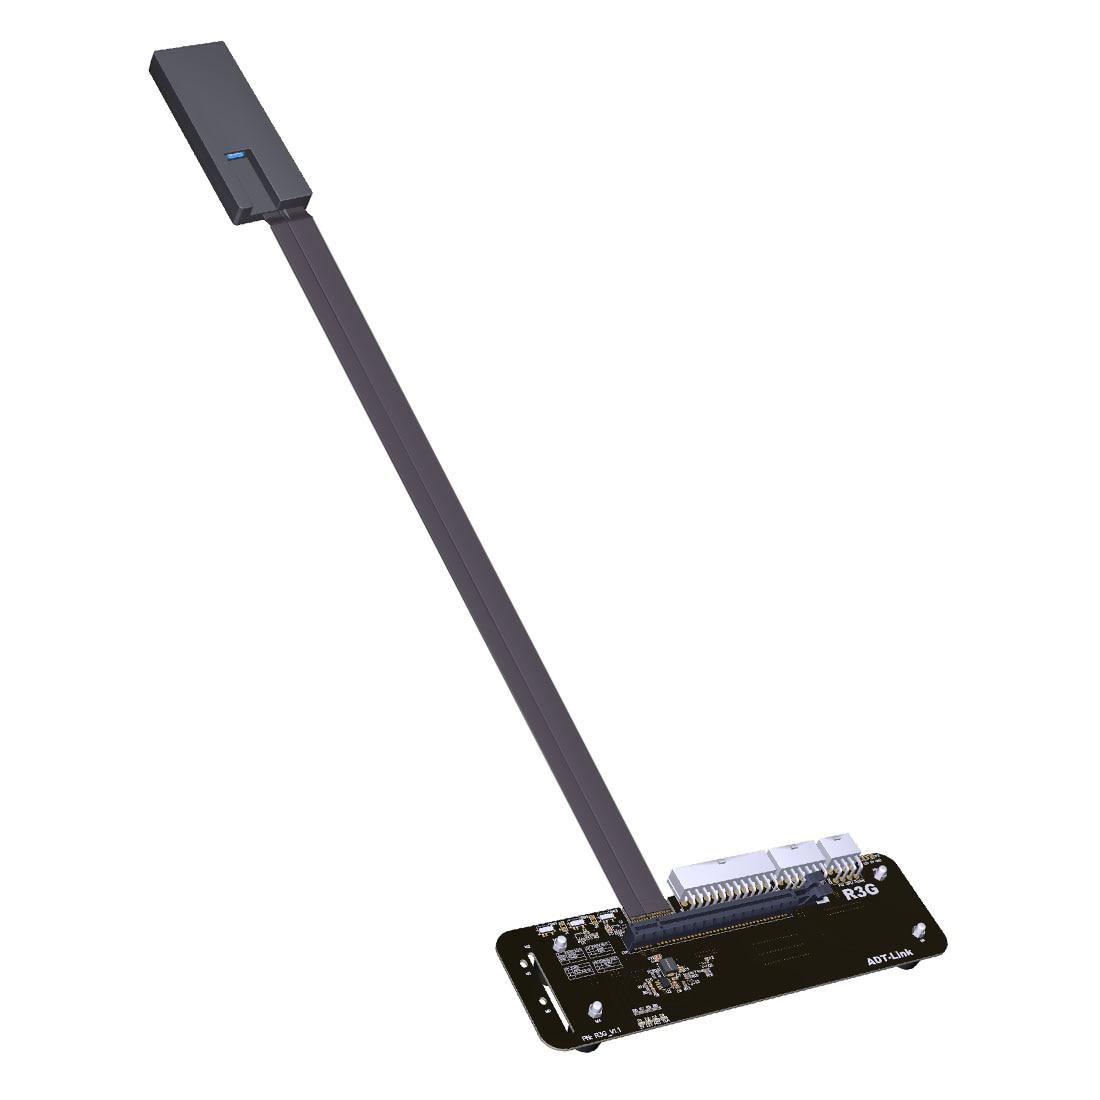 Adt-link R43SG-TB3 pcie x16 pci-e x16 para tb3 cabo de extensão pci-express cabos egpu adaptador